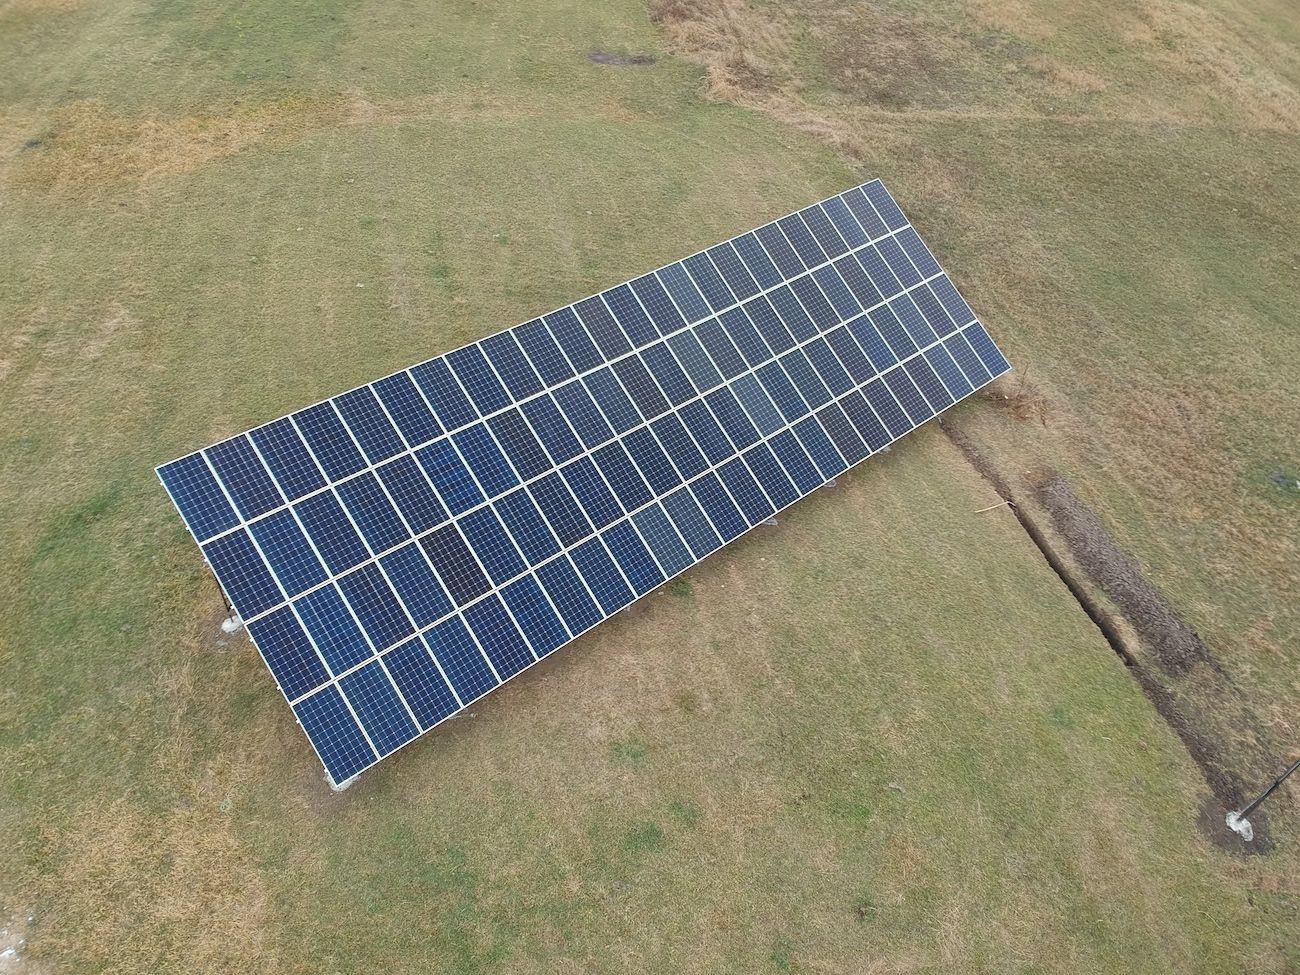 Сонячну електростанцію для дому потужністю 30 кВт змонтовано в Лісному Хлібичині 2